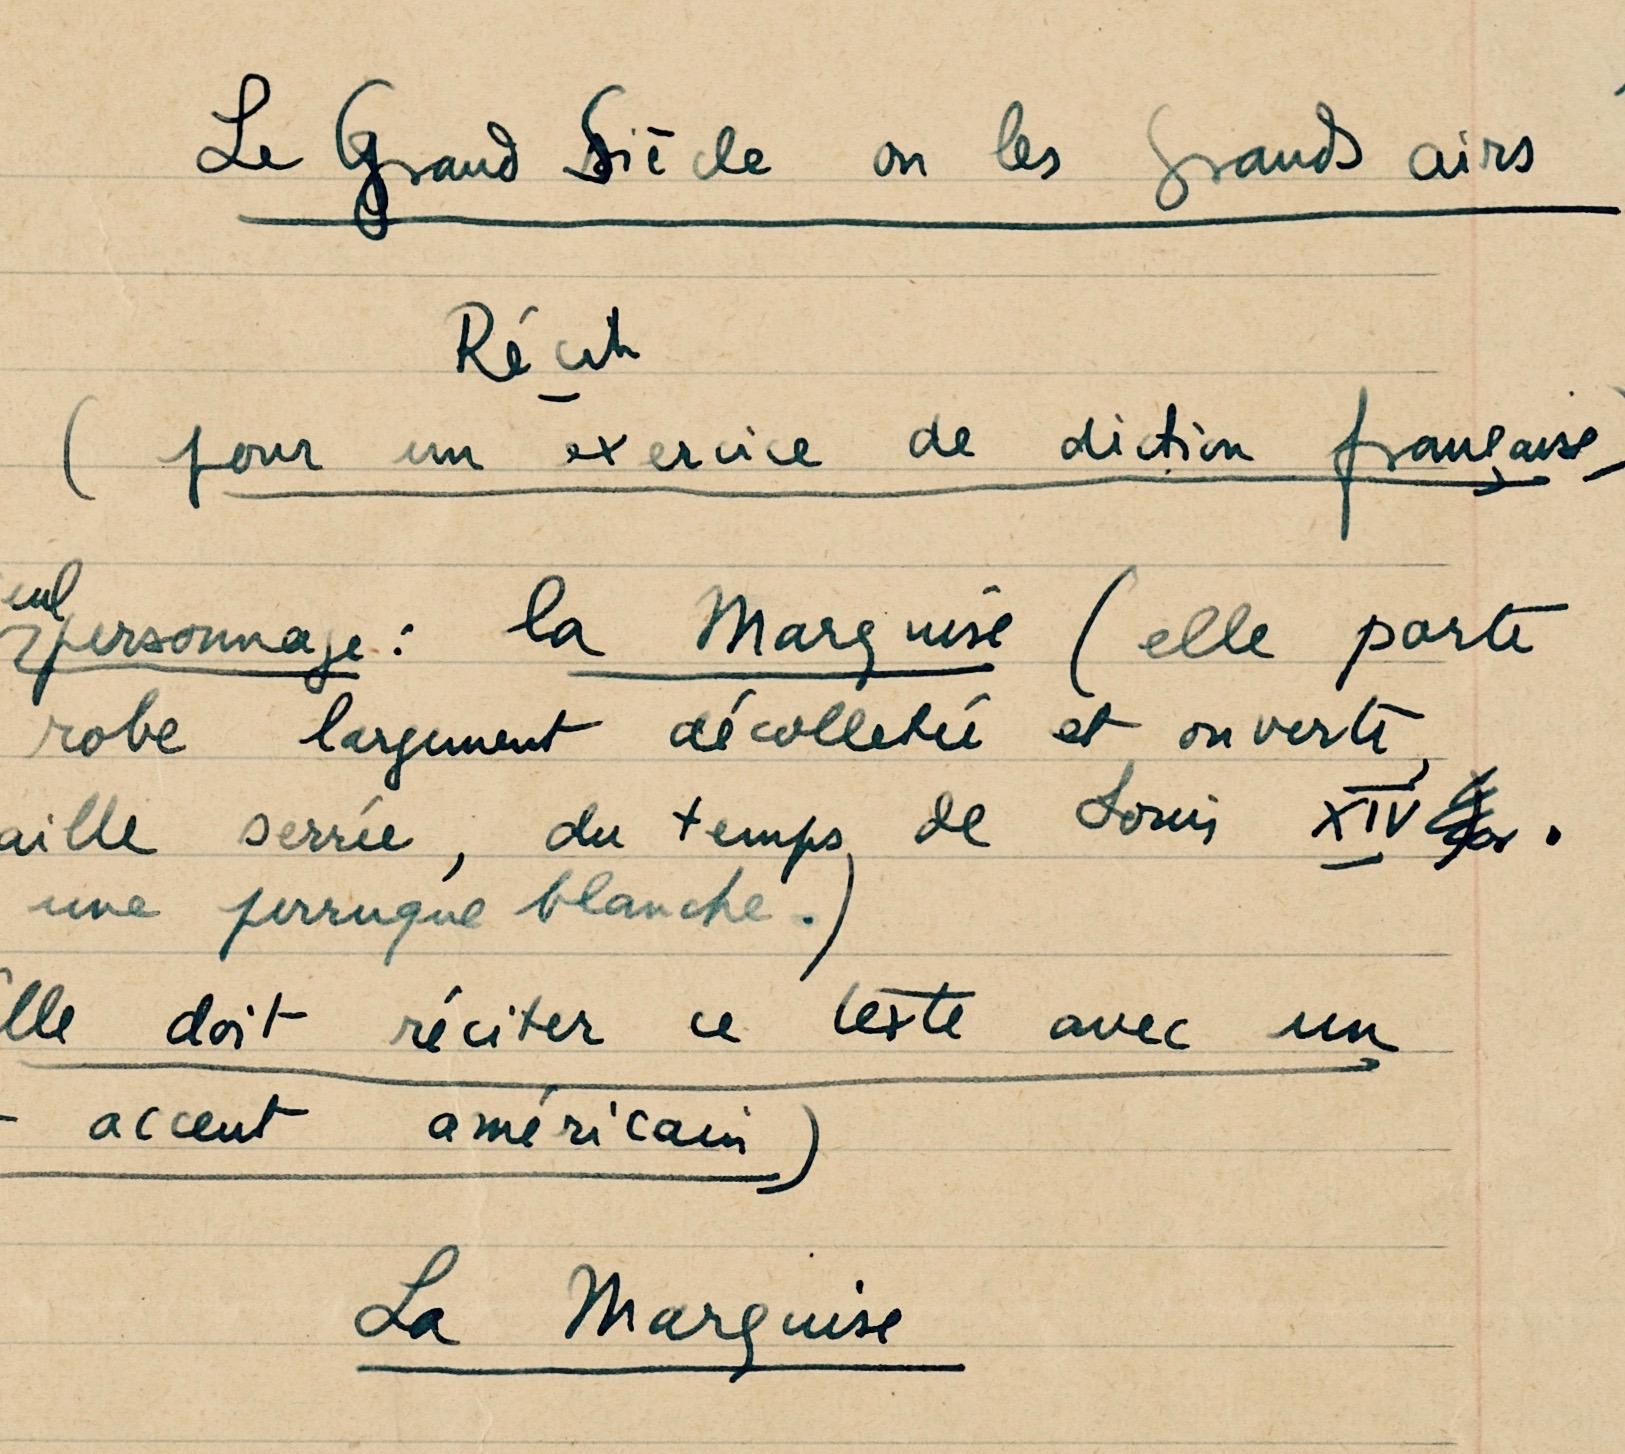 Les Exercices De Diction D Eugene Ionesco Traces Ecrites Lettres Autographes Manuscrits Anciens Et Archives Du Moyen Age A Nos Jours